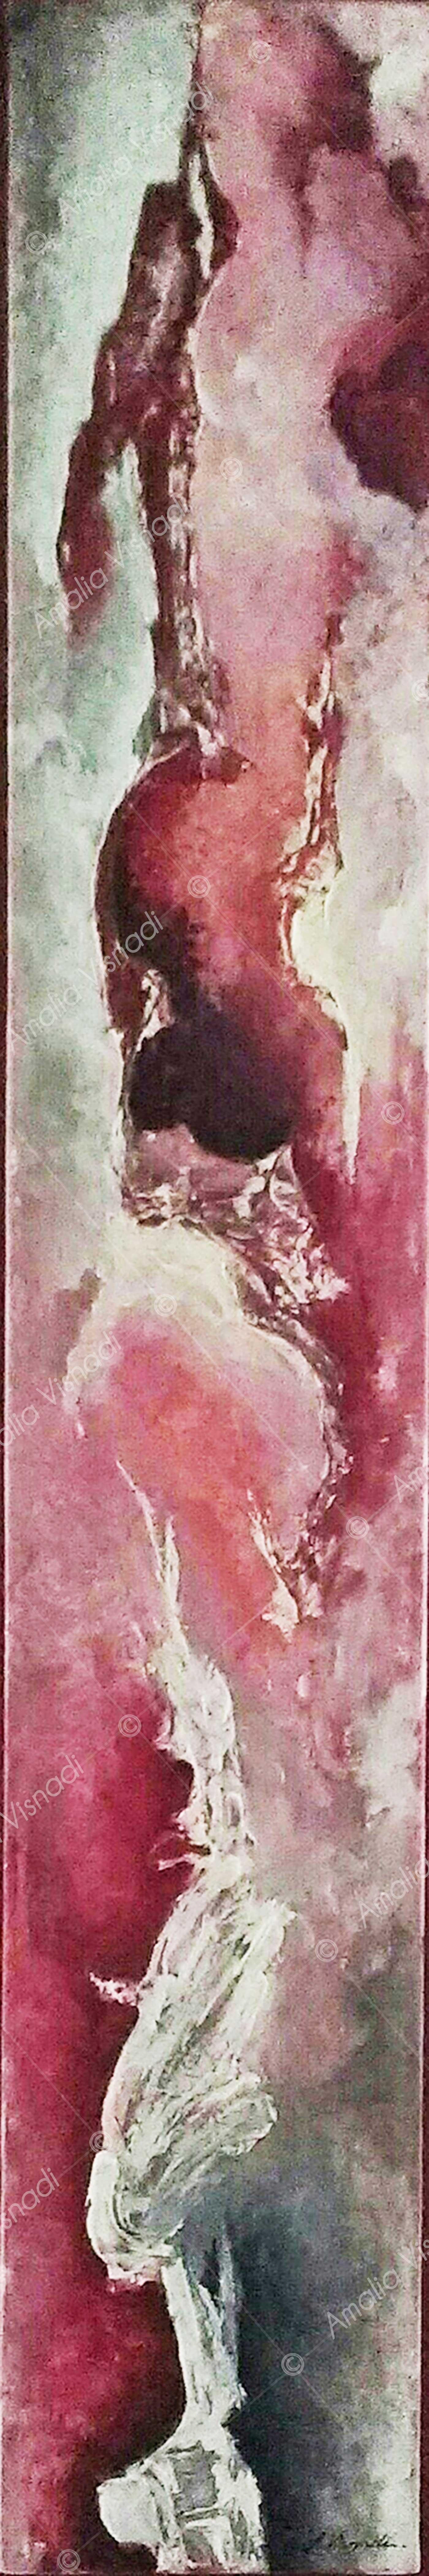 L'energia del cuore_Acrilico e olio su tela 20 x 120